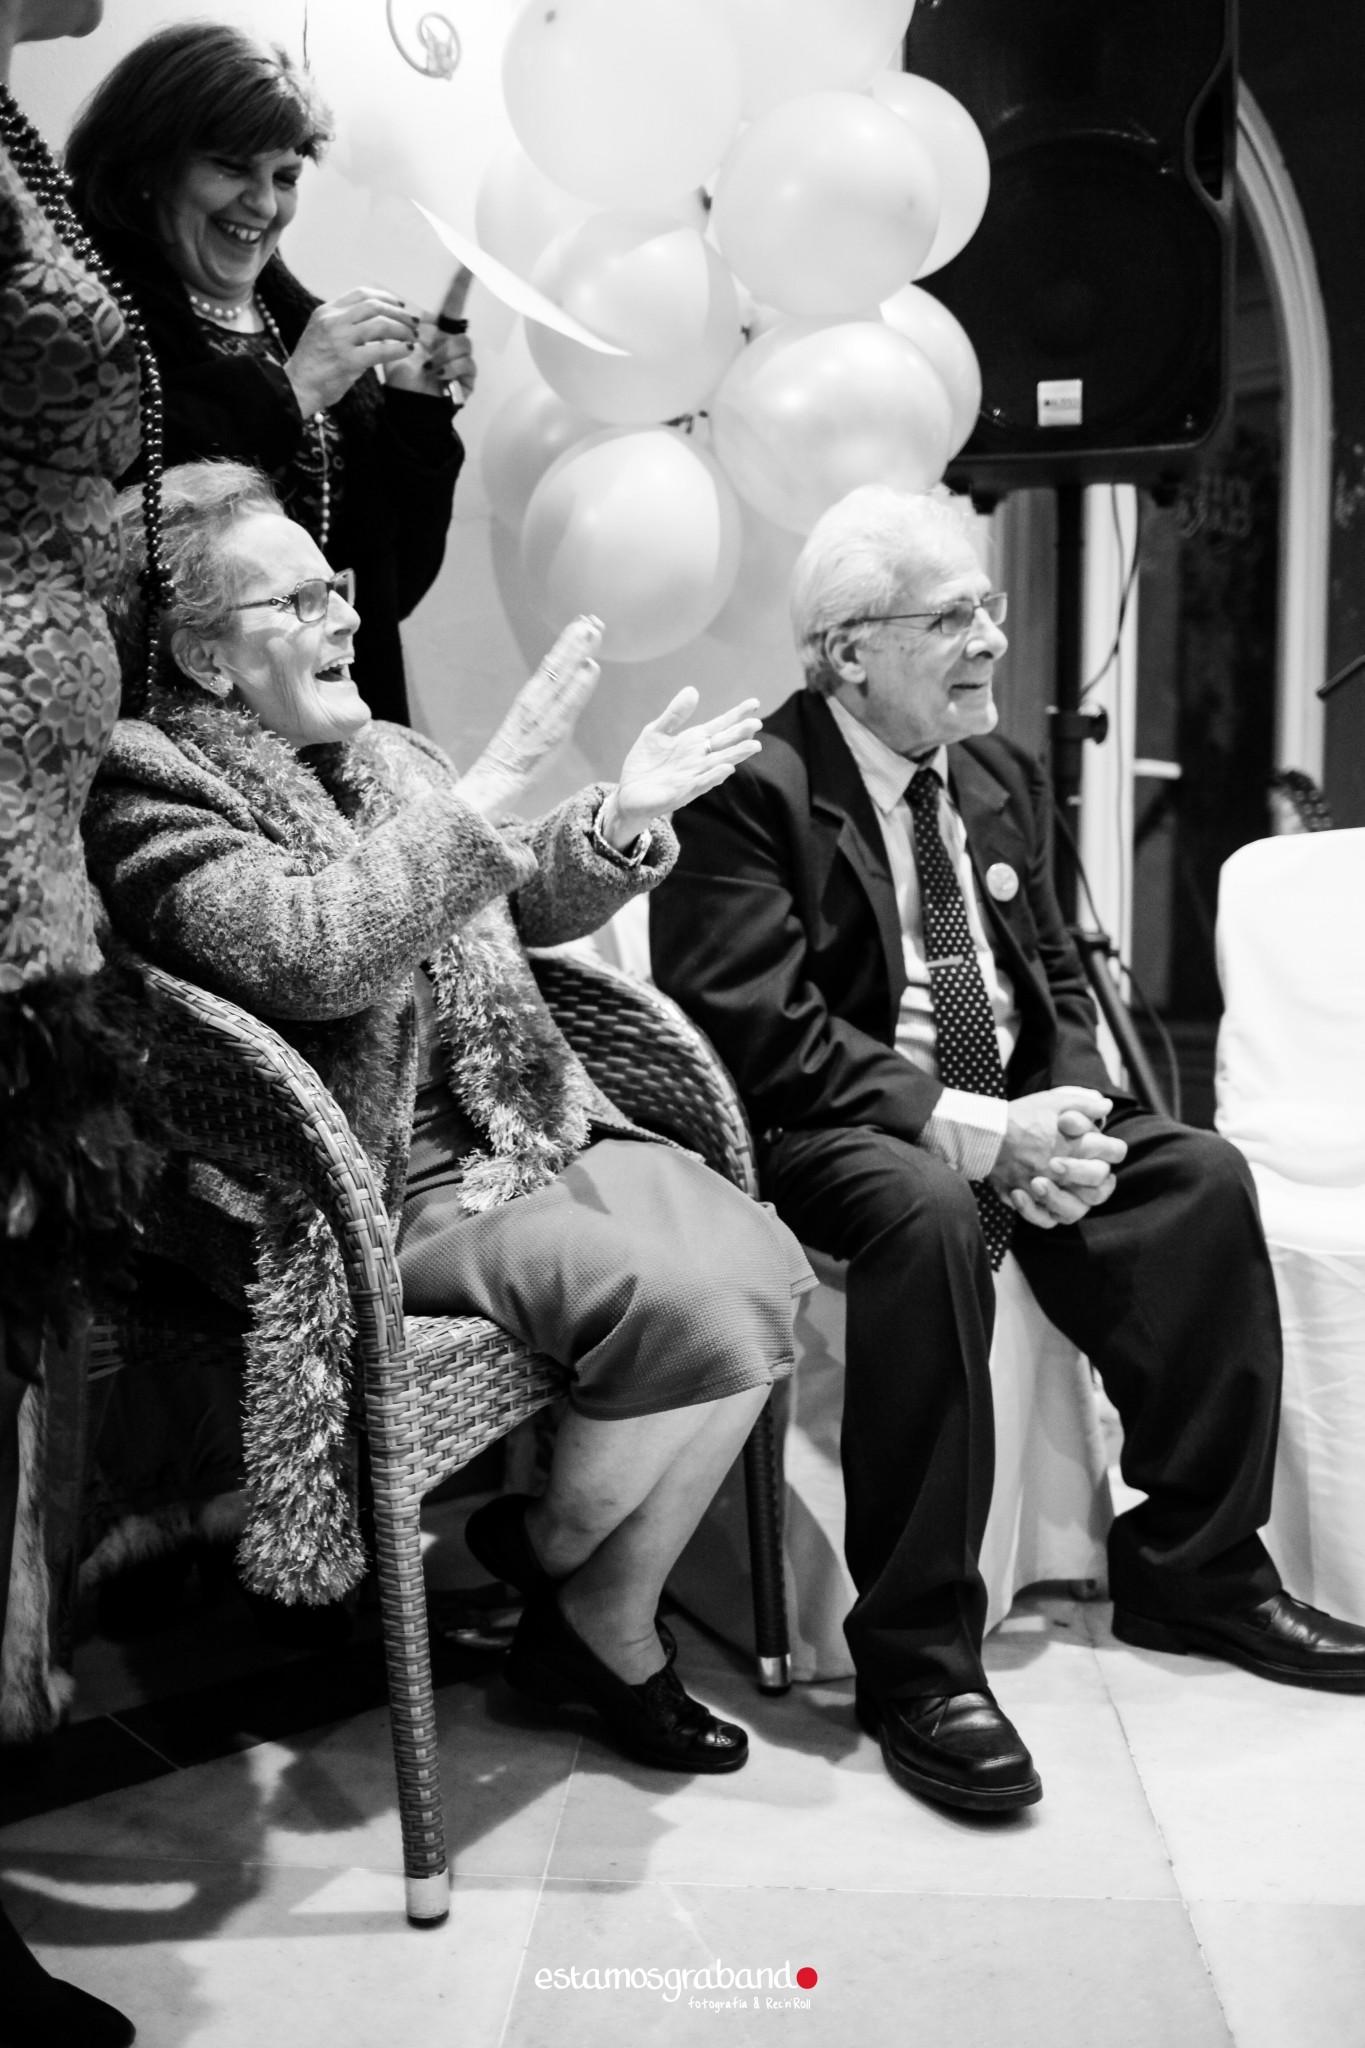 Años-20-BBTP-85-de-109 Los locos Años 20 [Fotografía en La Teta de Julieta, Cádiz] - video boda cadiz